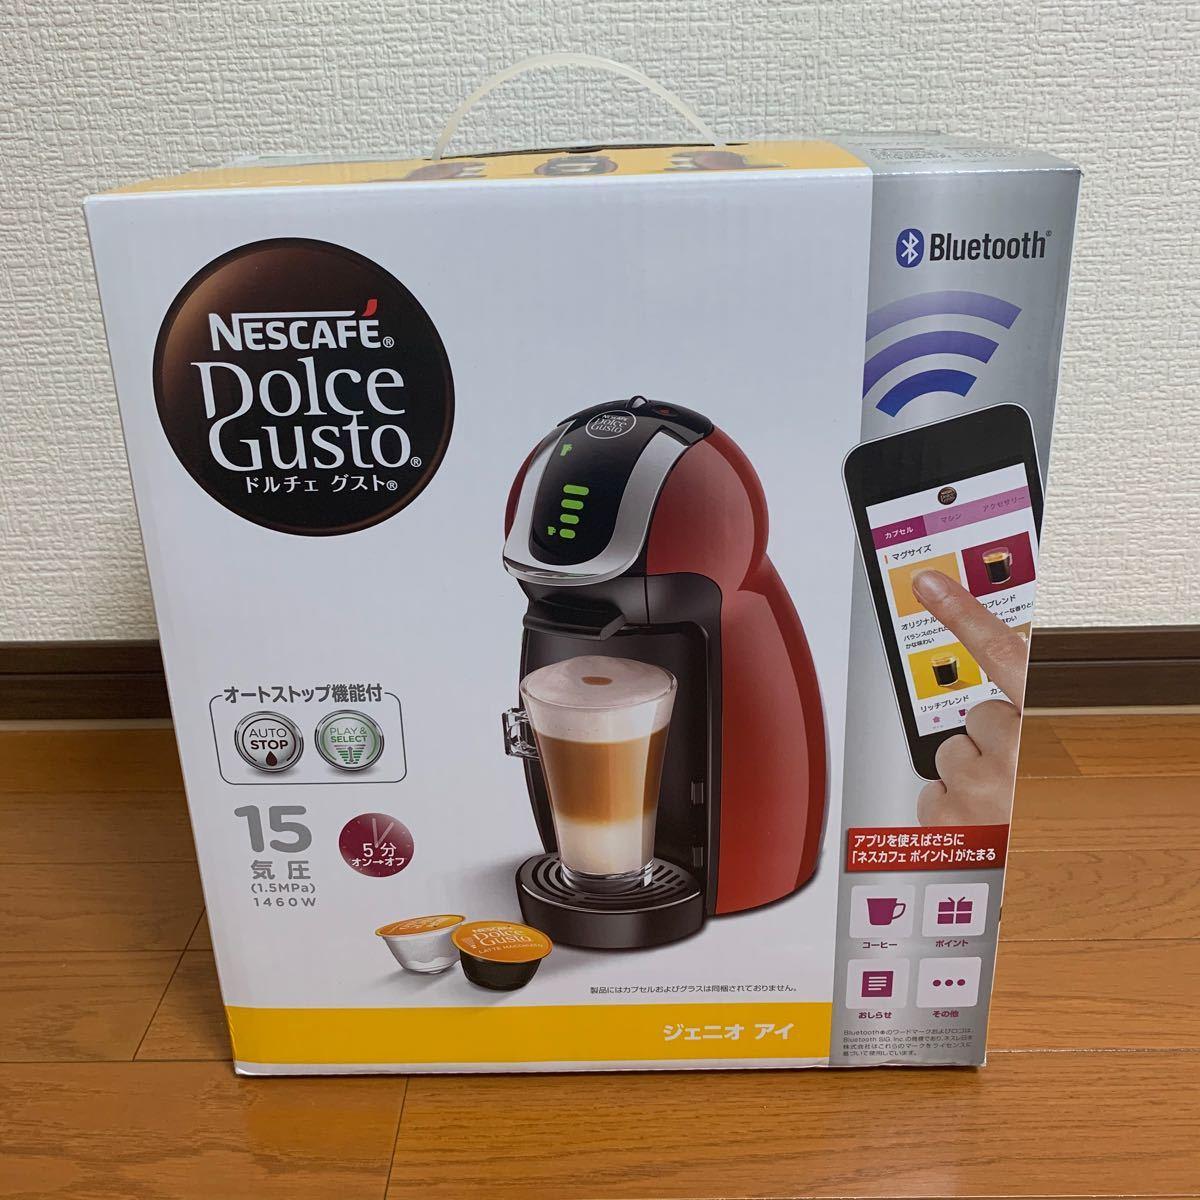 ◆新品未使用 送料無料◆ネスカフェ ドルチェグスト ジェニオアイ MD9747S-CR [チェリーレッド]